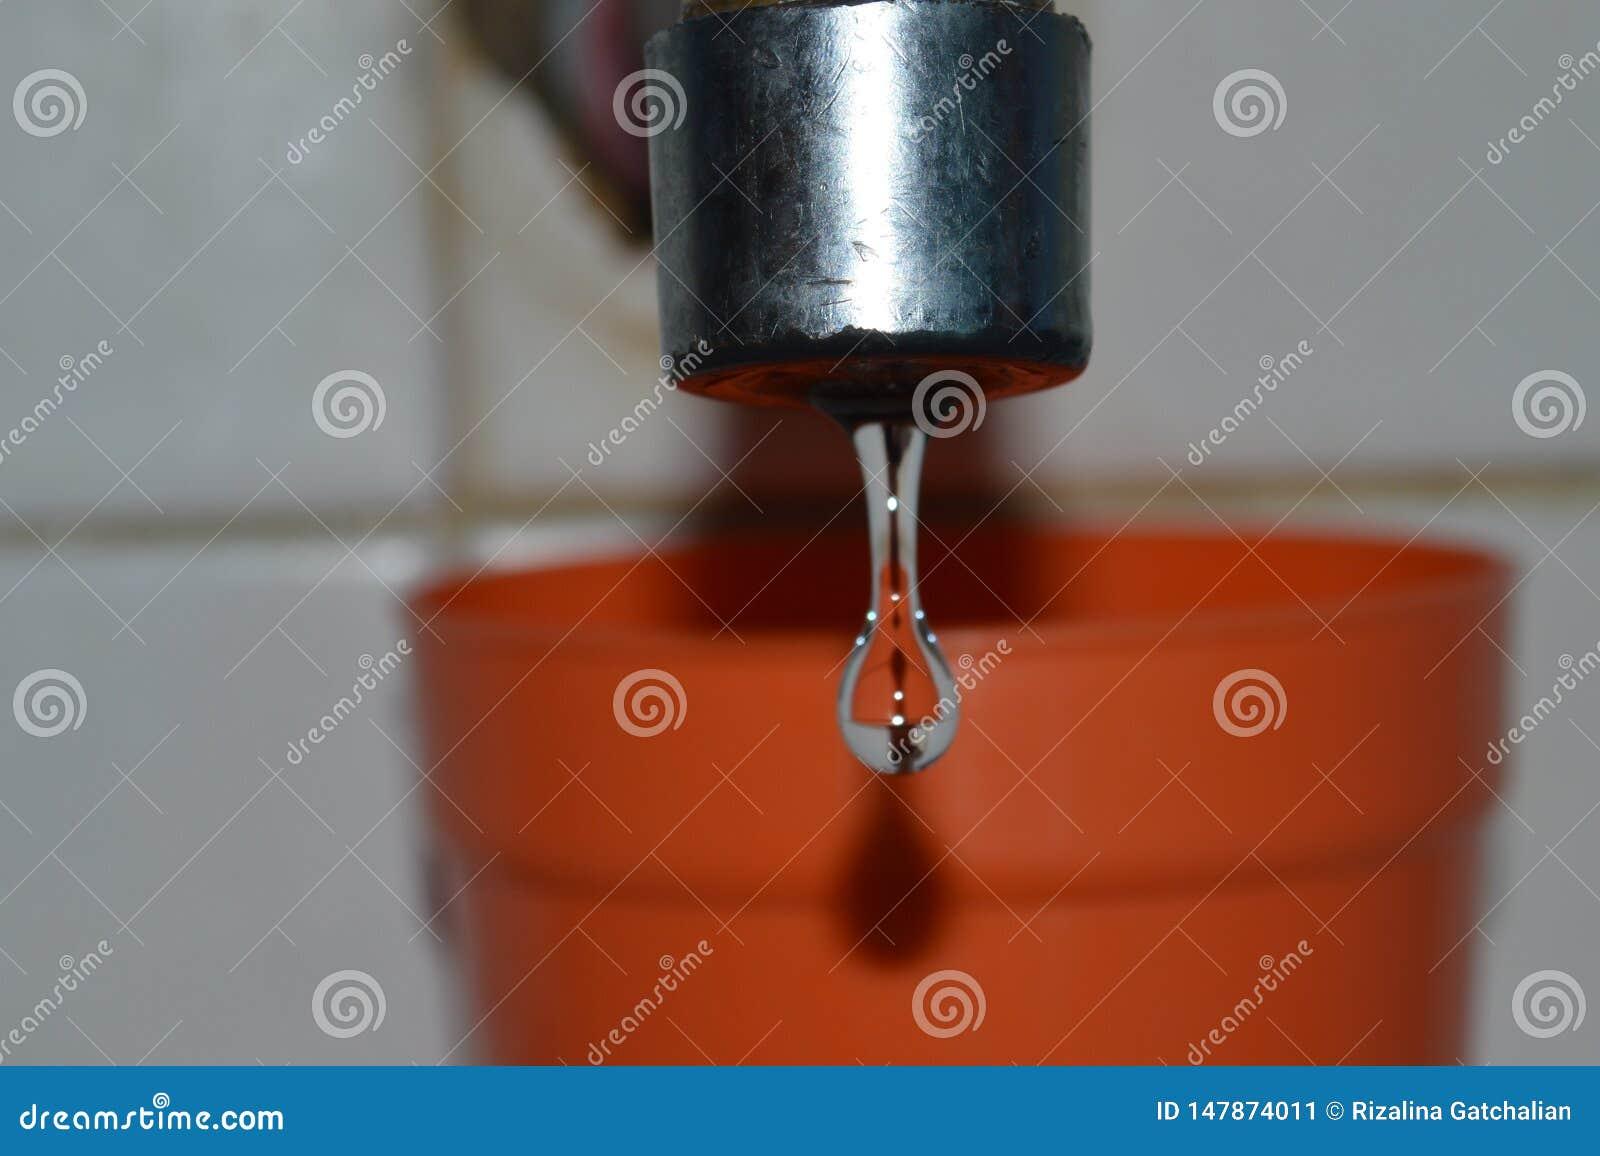 Waterdalingen van een tapkraan